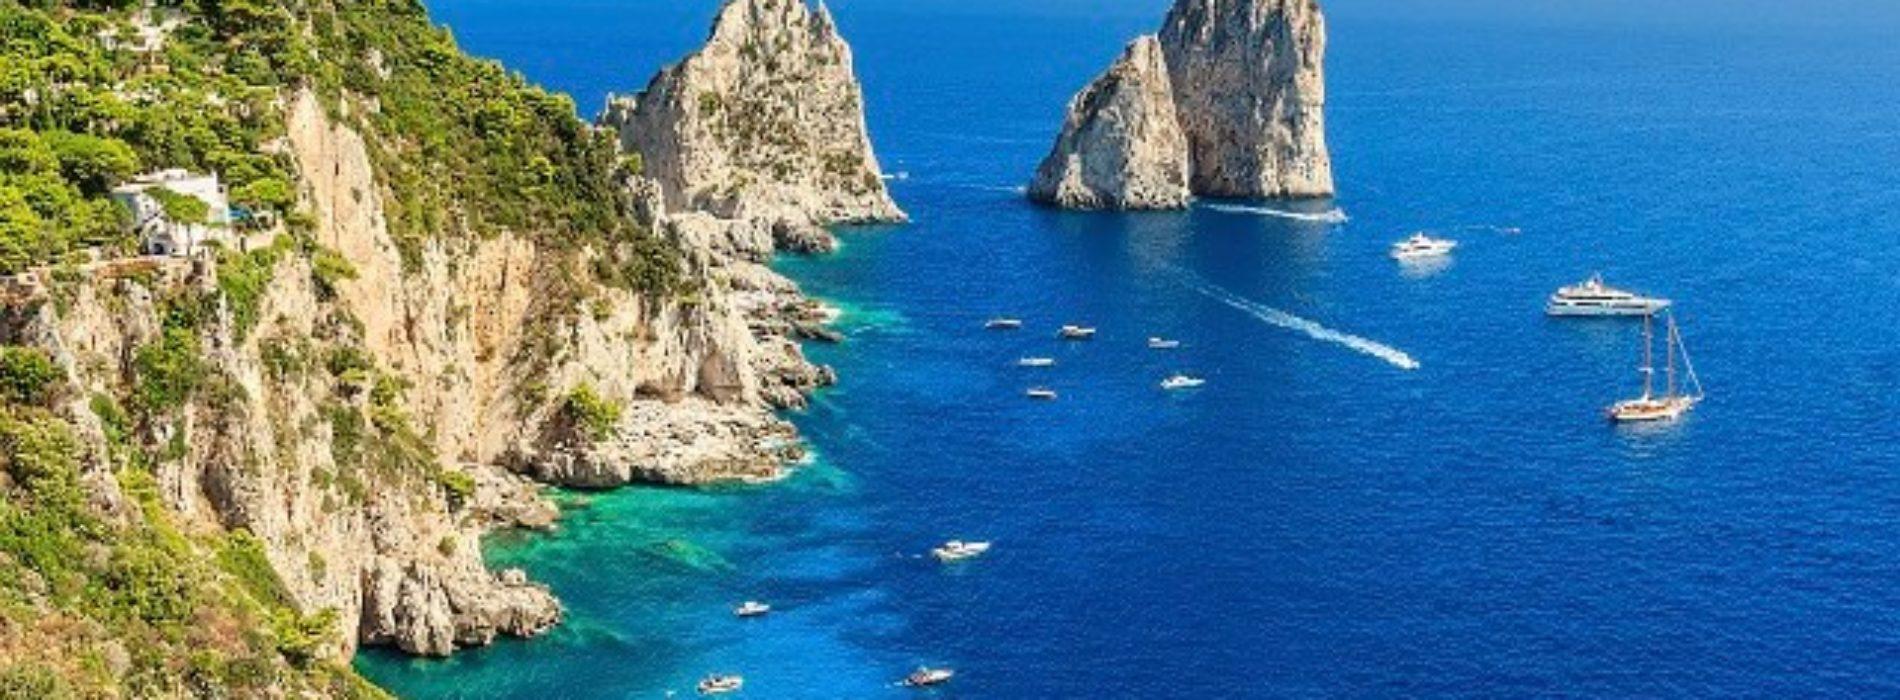 La magica Capri e i suoi Faraglioni